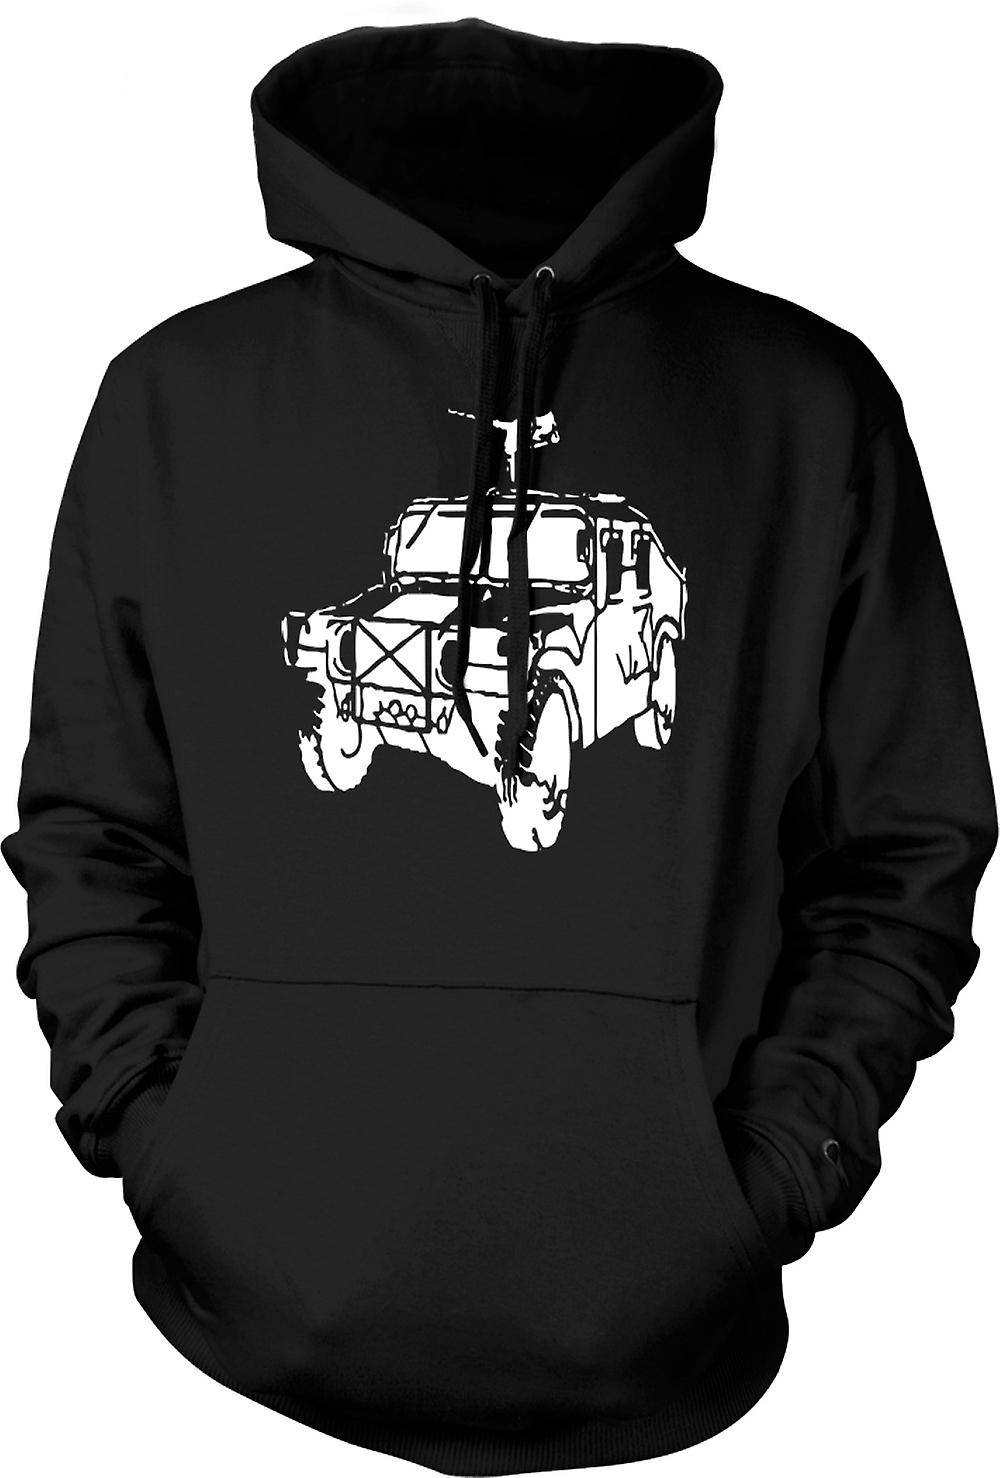 Mens Hoodie - US Army Humvee 50 Cal - Military